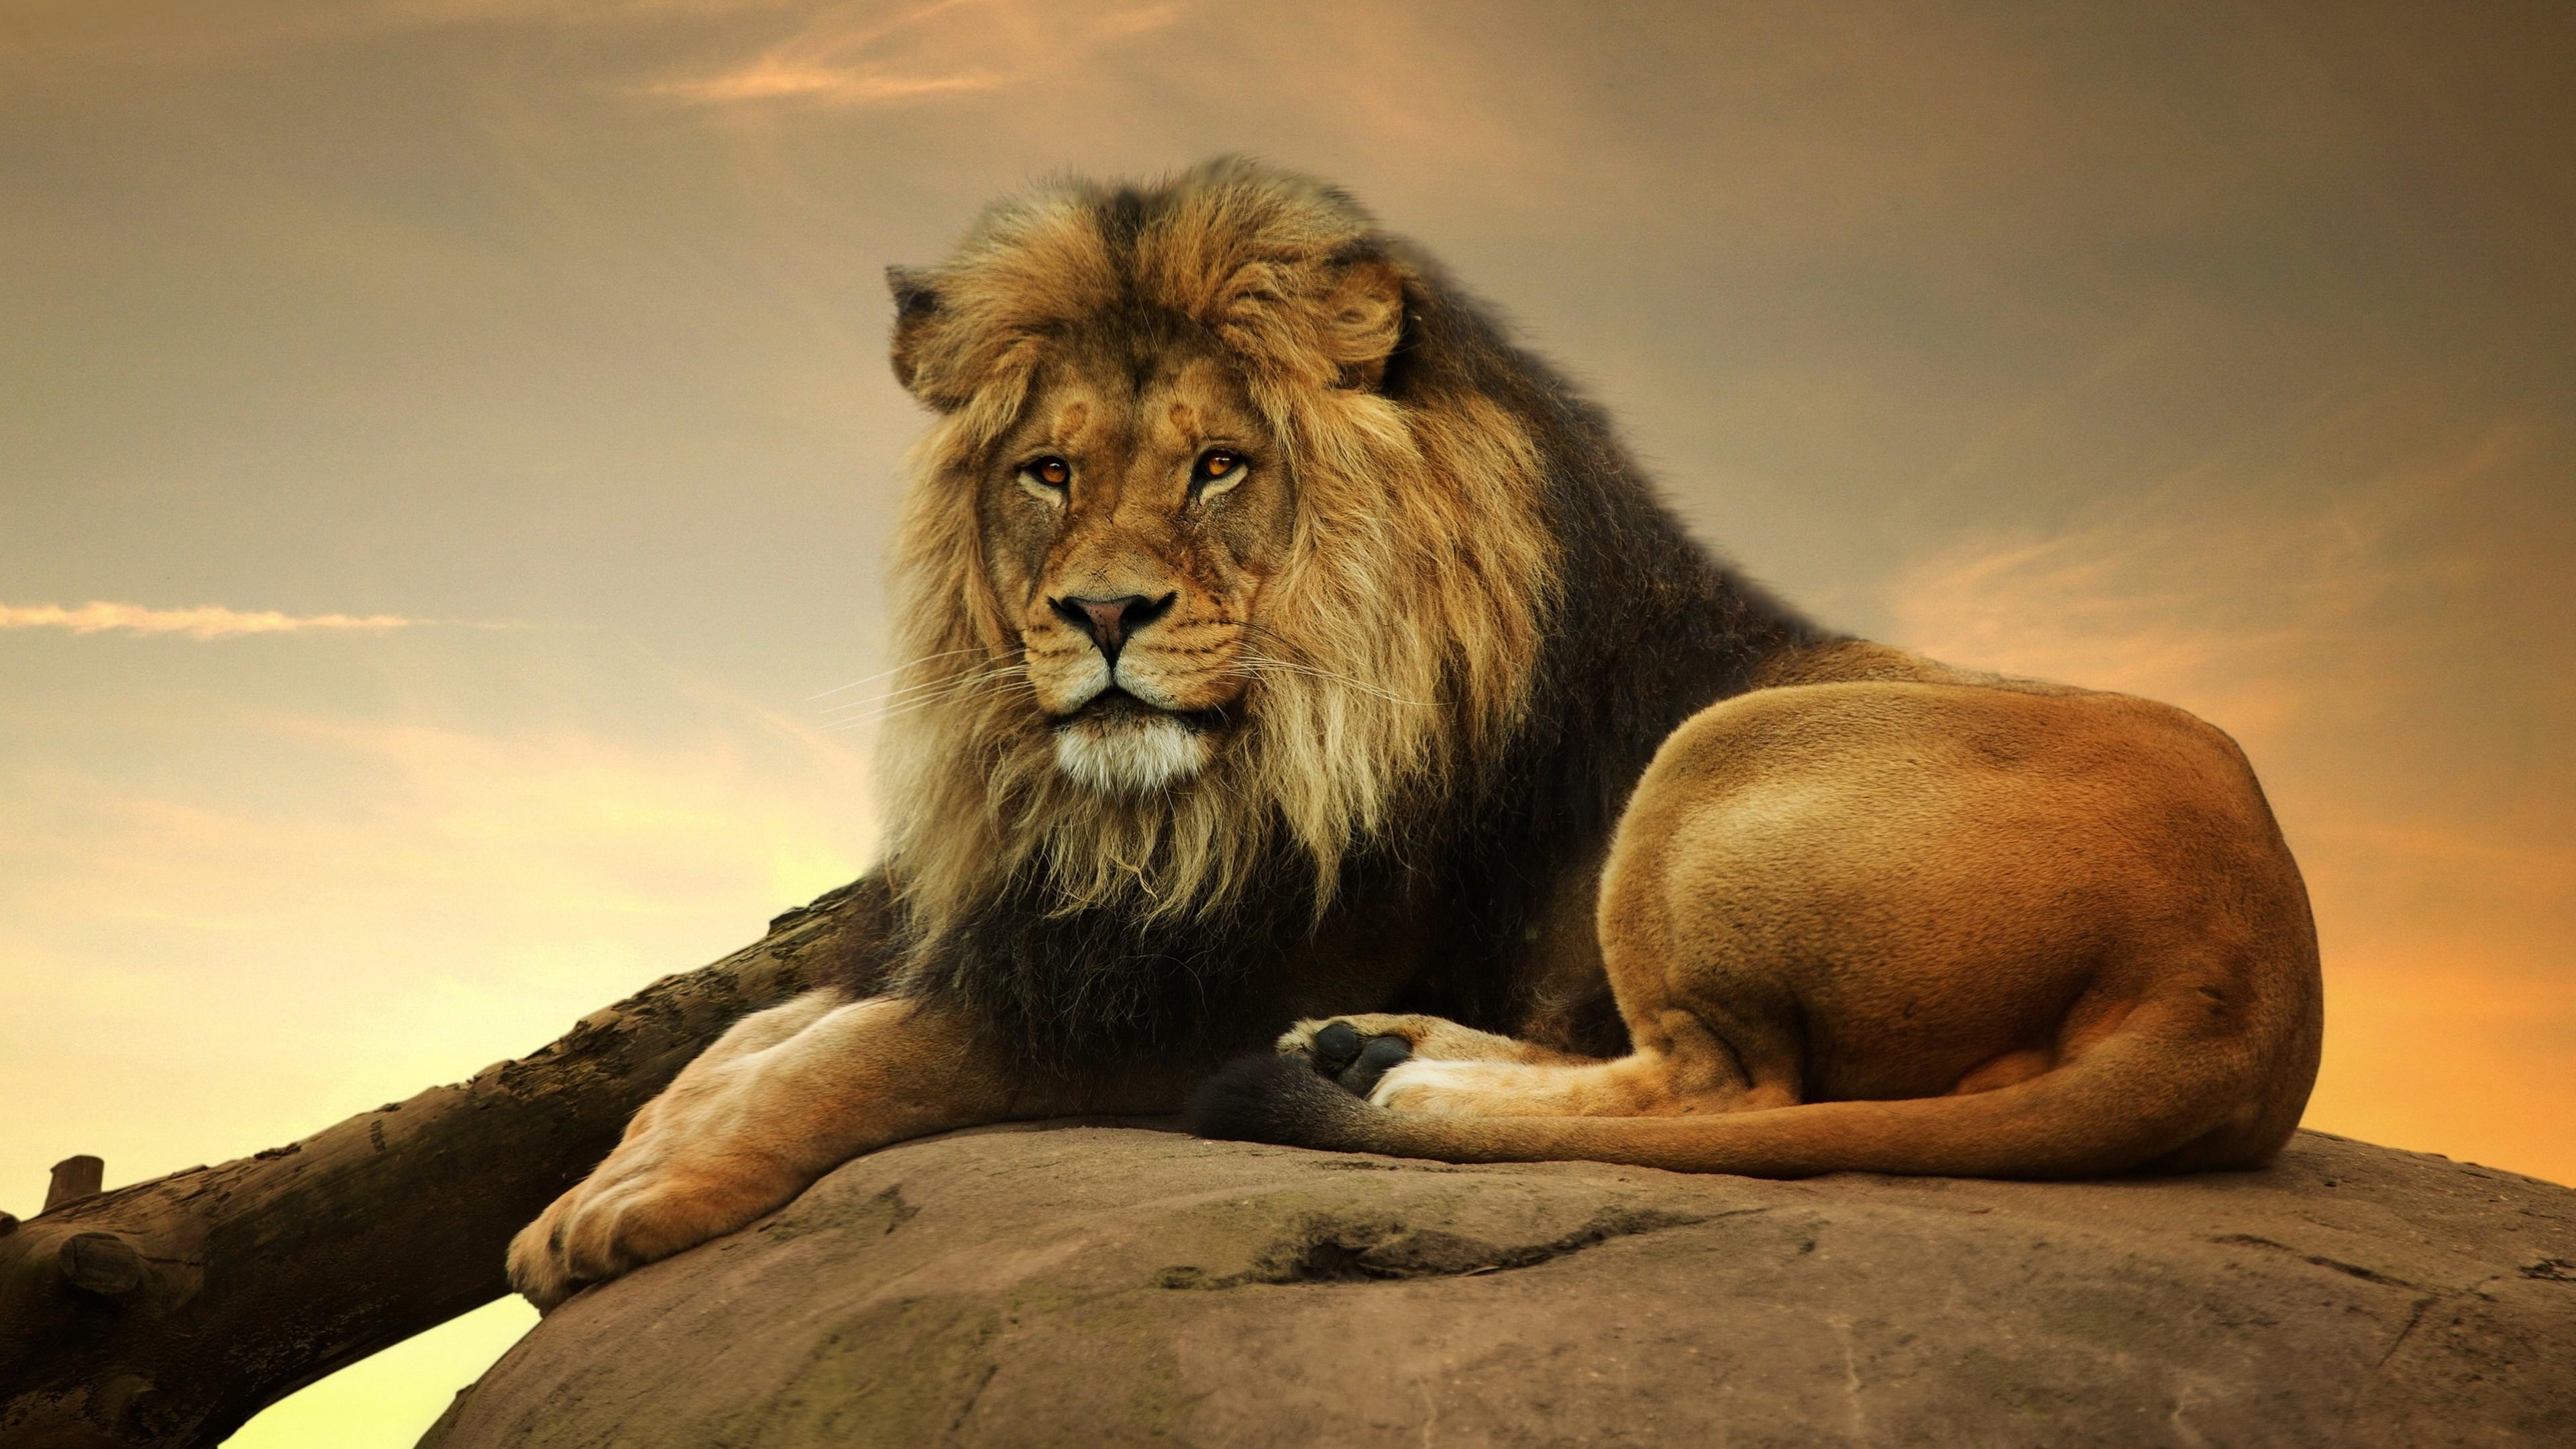 male lion 4k resolution desktop wallpaper